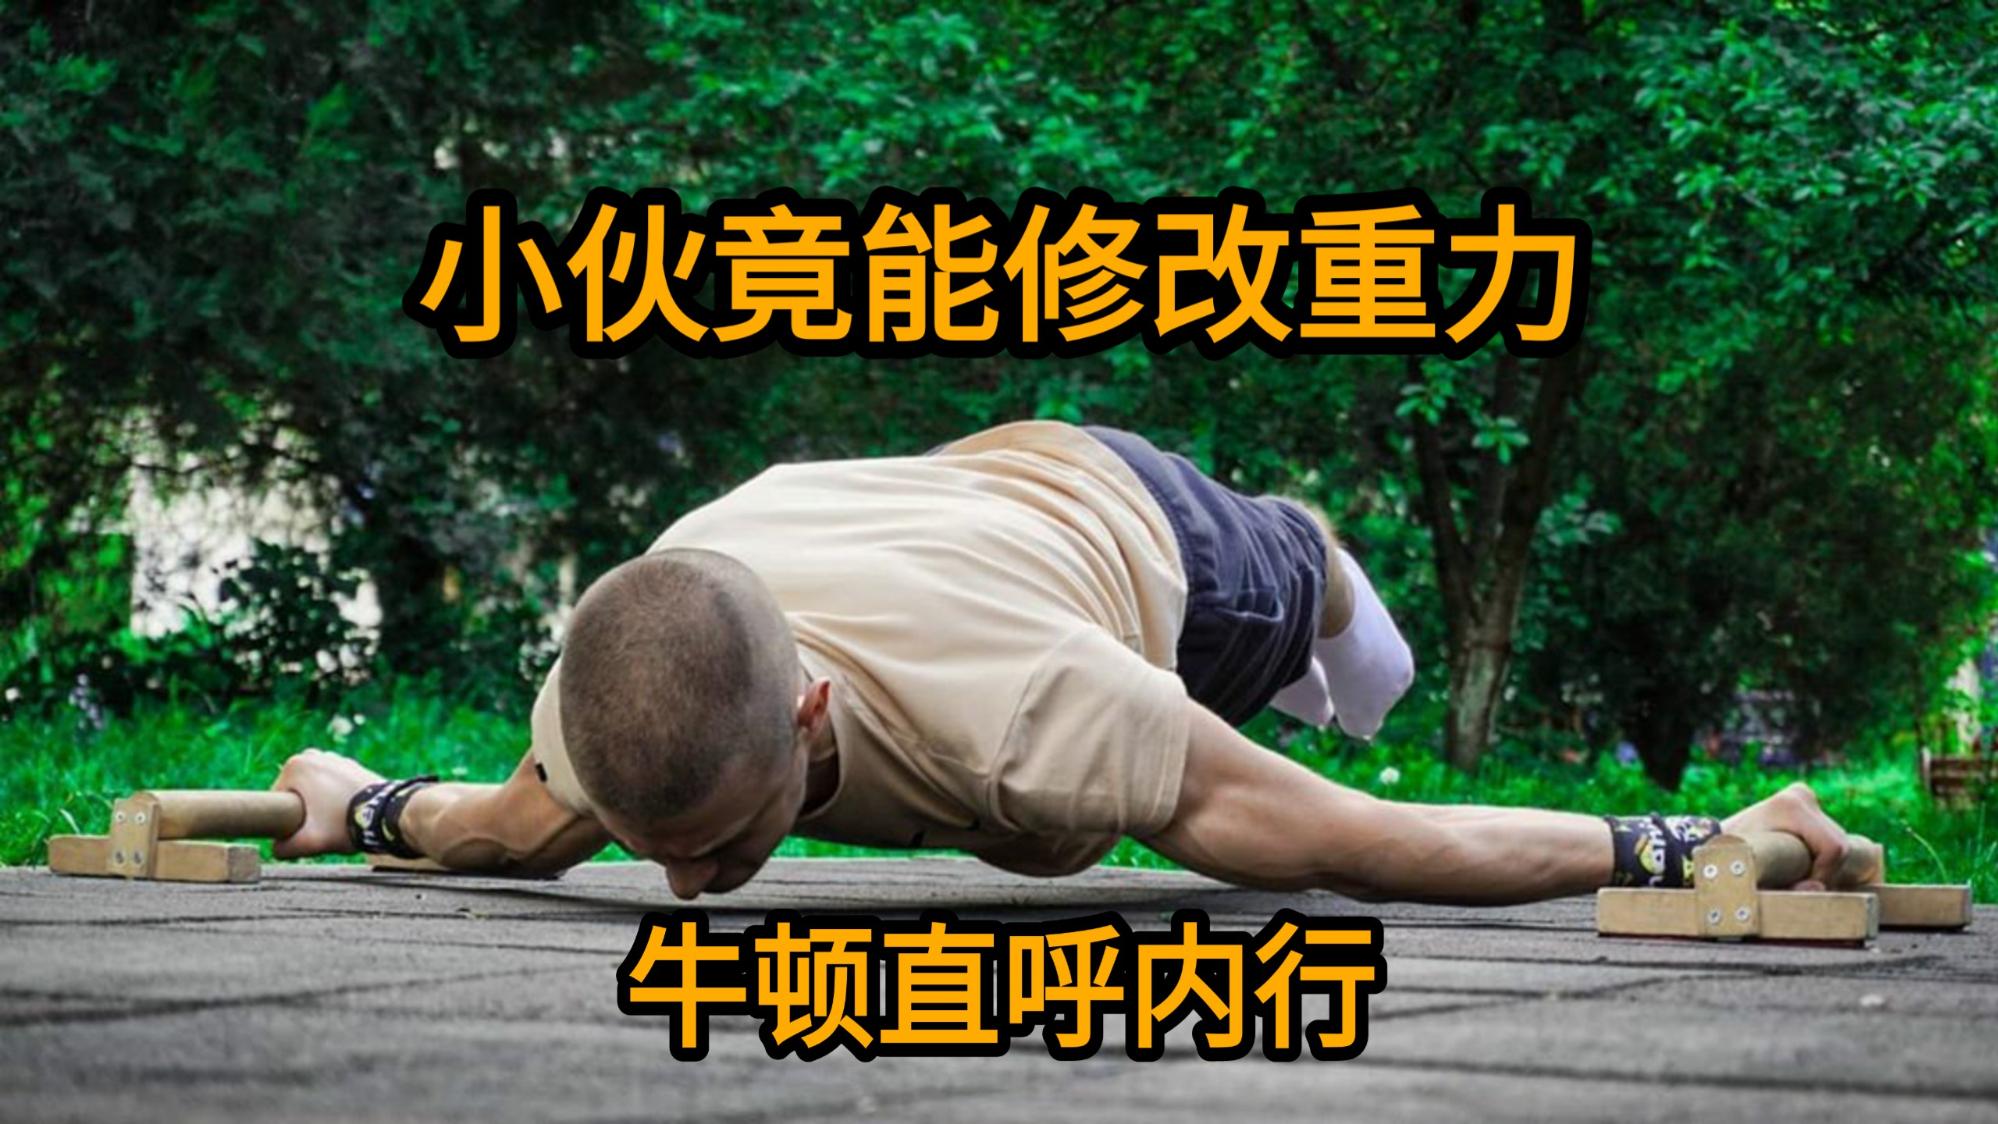 小伙竟能修改重力 牛顿直呼内行 无法比拟的力量 part.11 (街健动力)街头健身